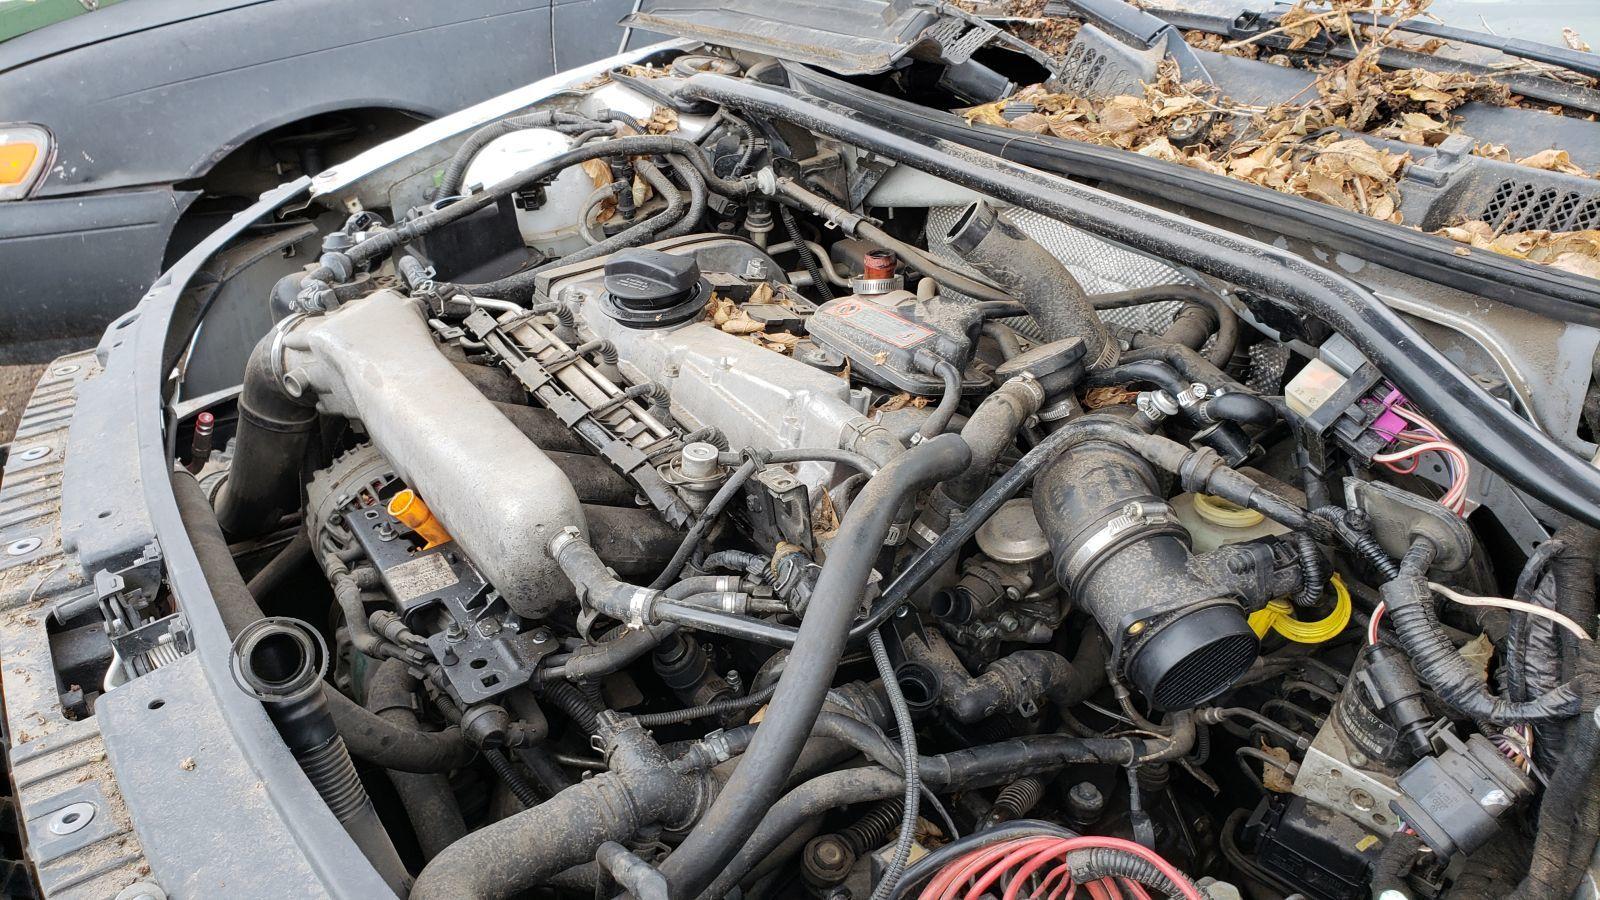 На свалке нашли родстер Audi TT в рабочем состоянии 3